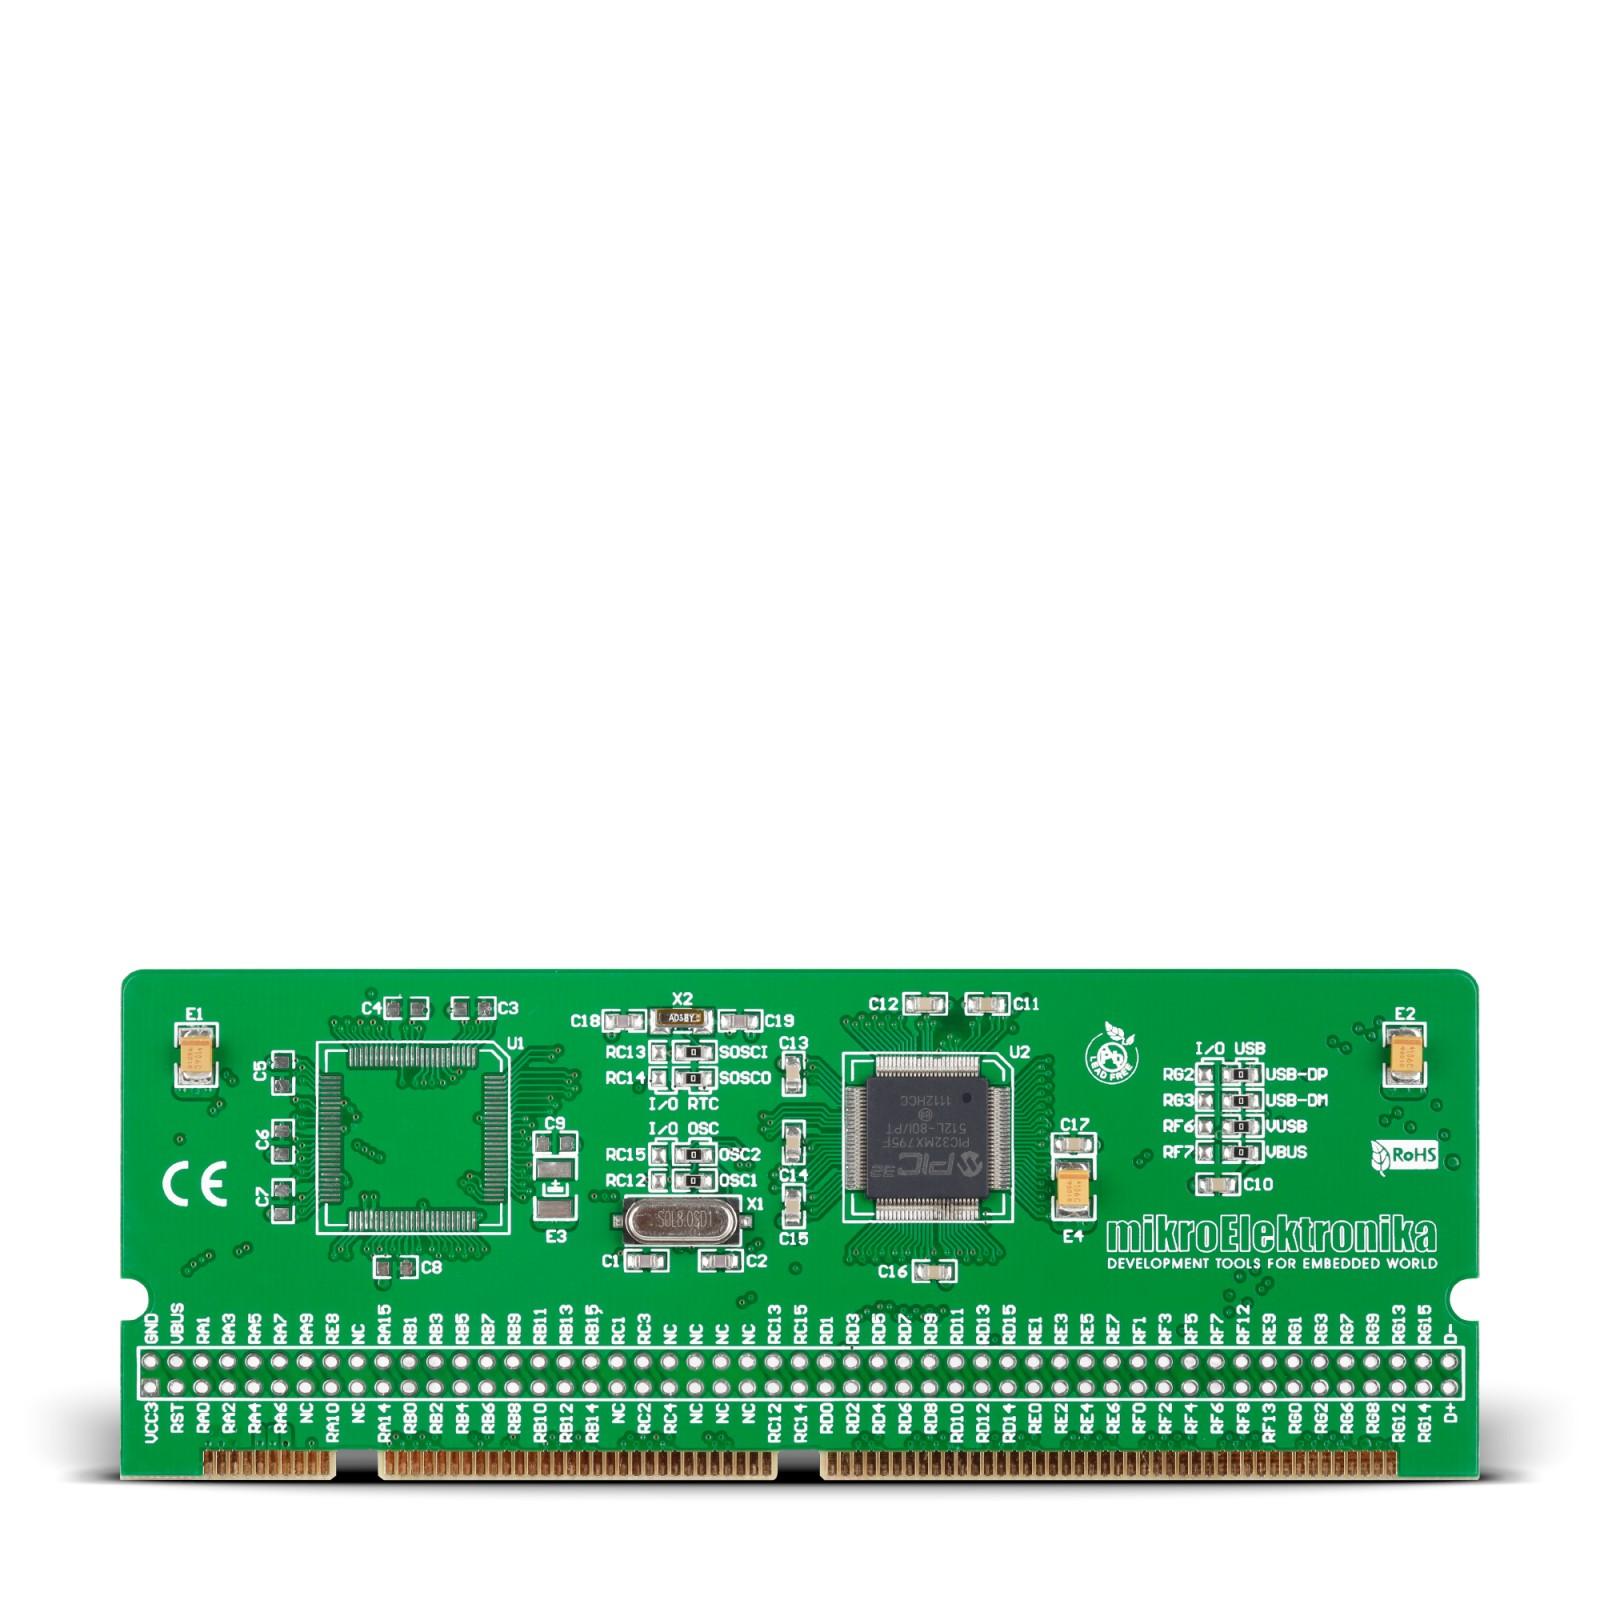 LV-32MX v6 100-pin TQFP MCU Card with PIC32MX795F512L